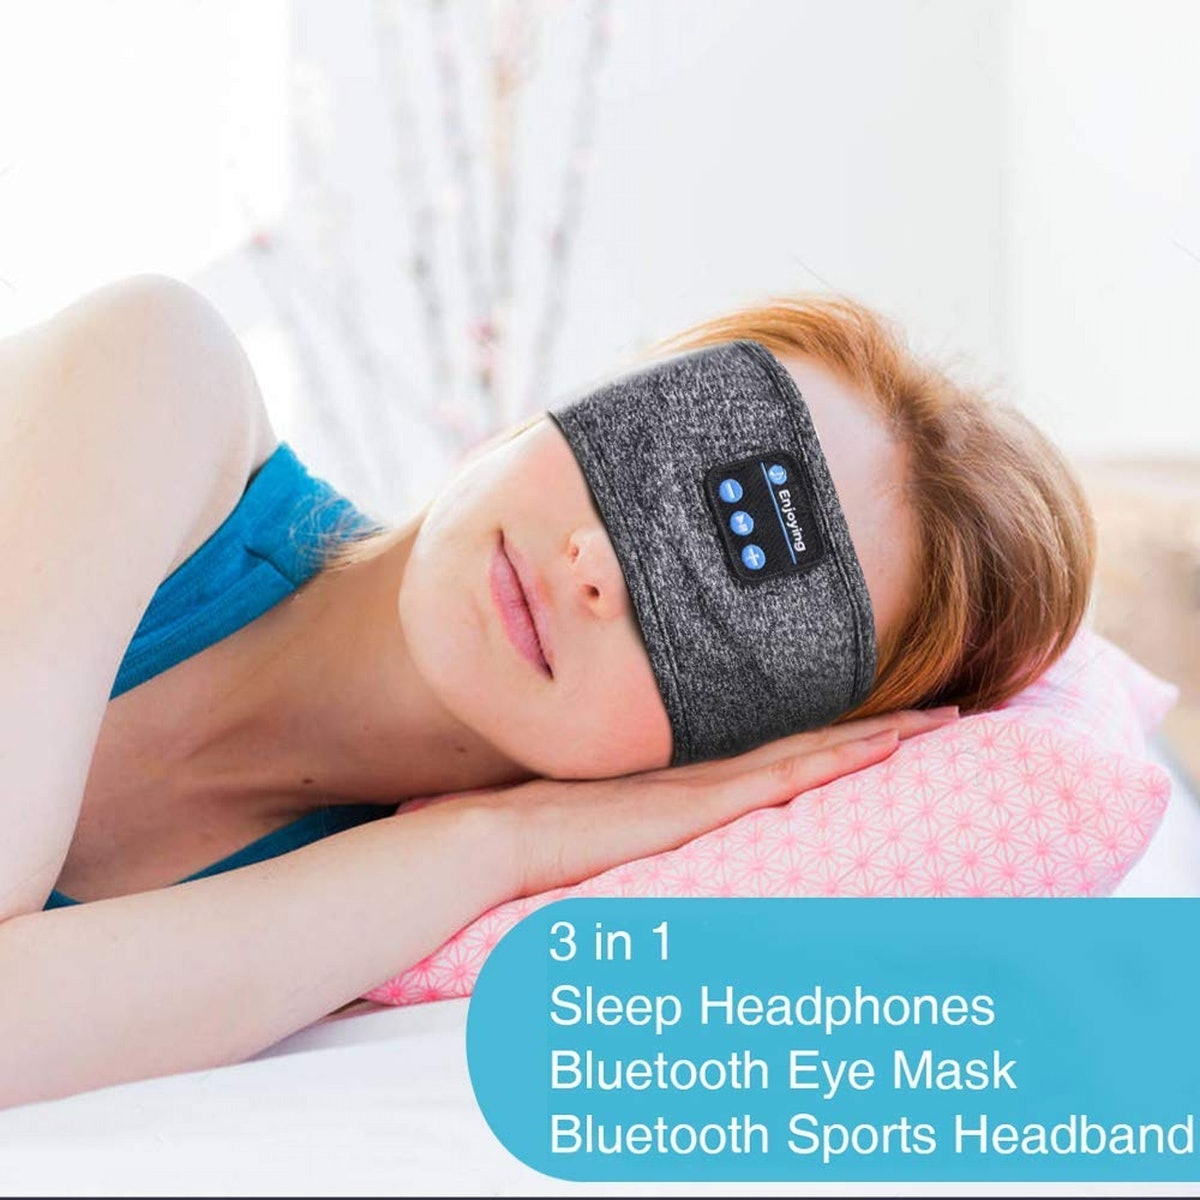 JARVANIA Bluetooth Sleep Headphones